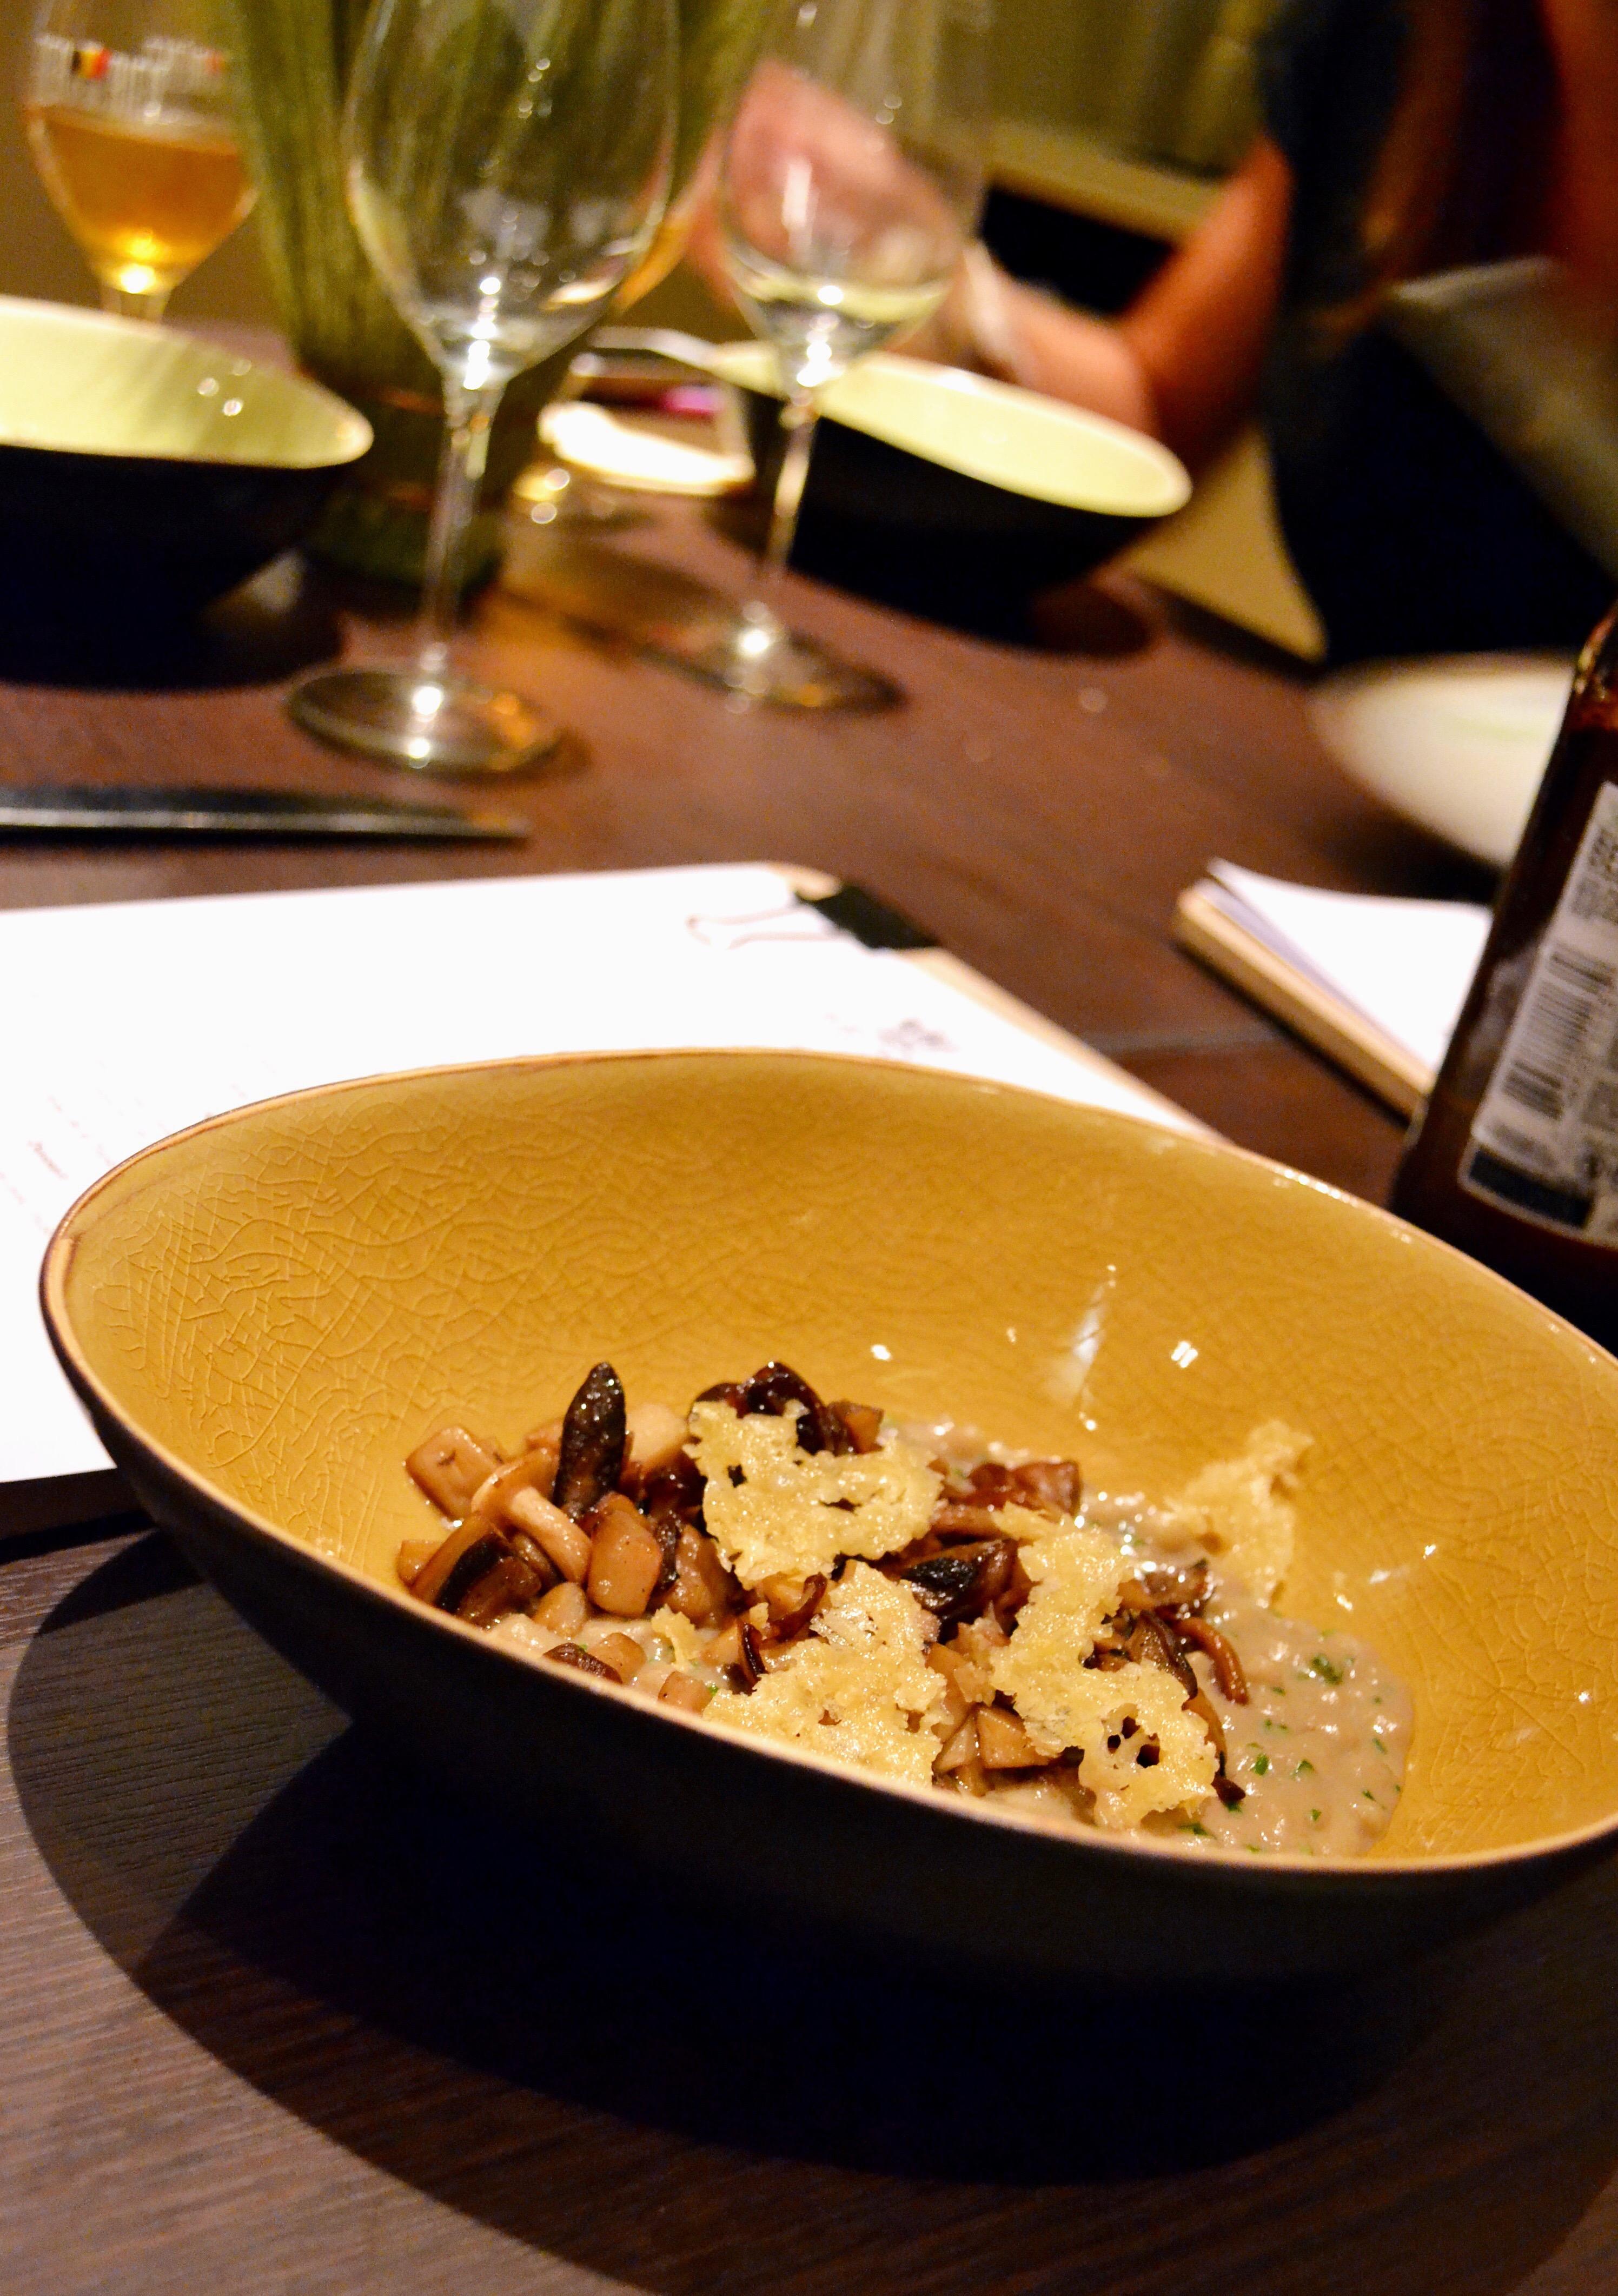 3ème plat: Risotto d'orge perlé, Stella Artois, champignon des bois, parmesan, truffe